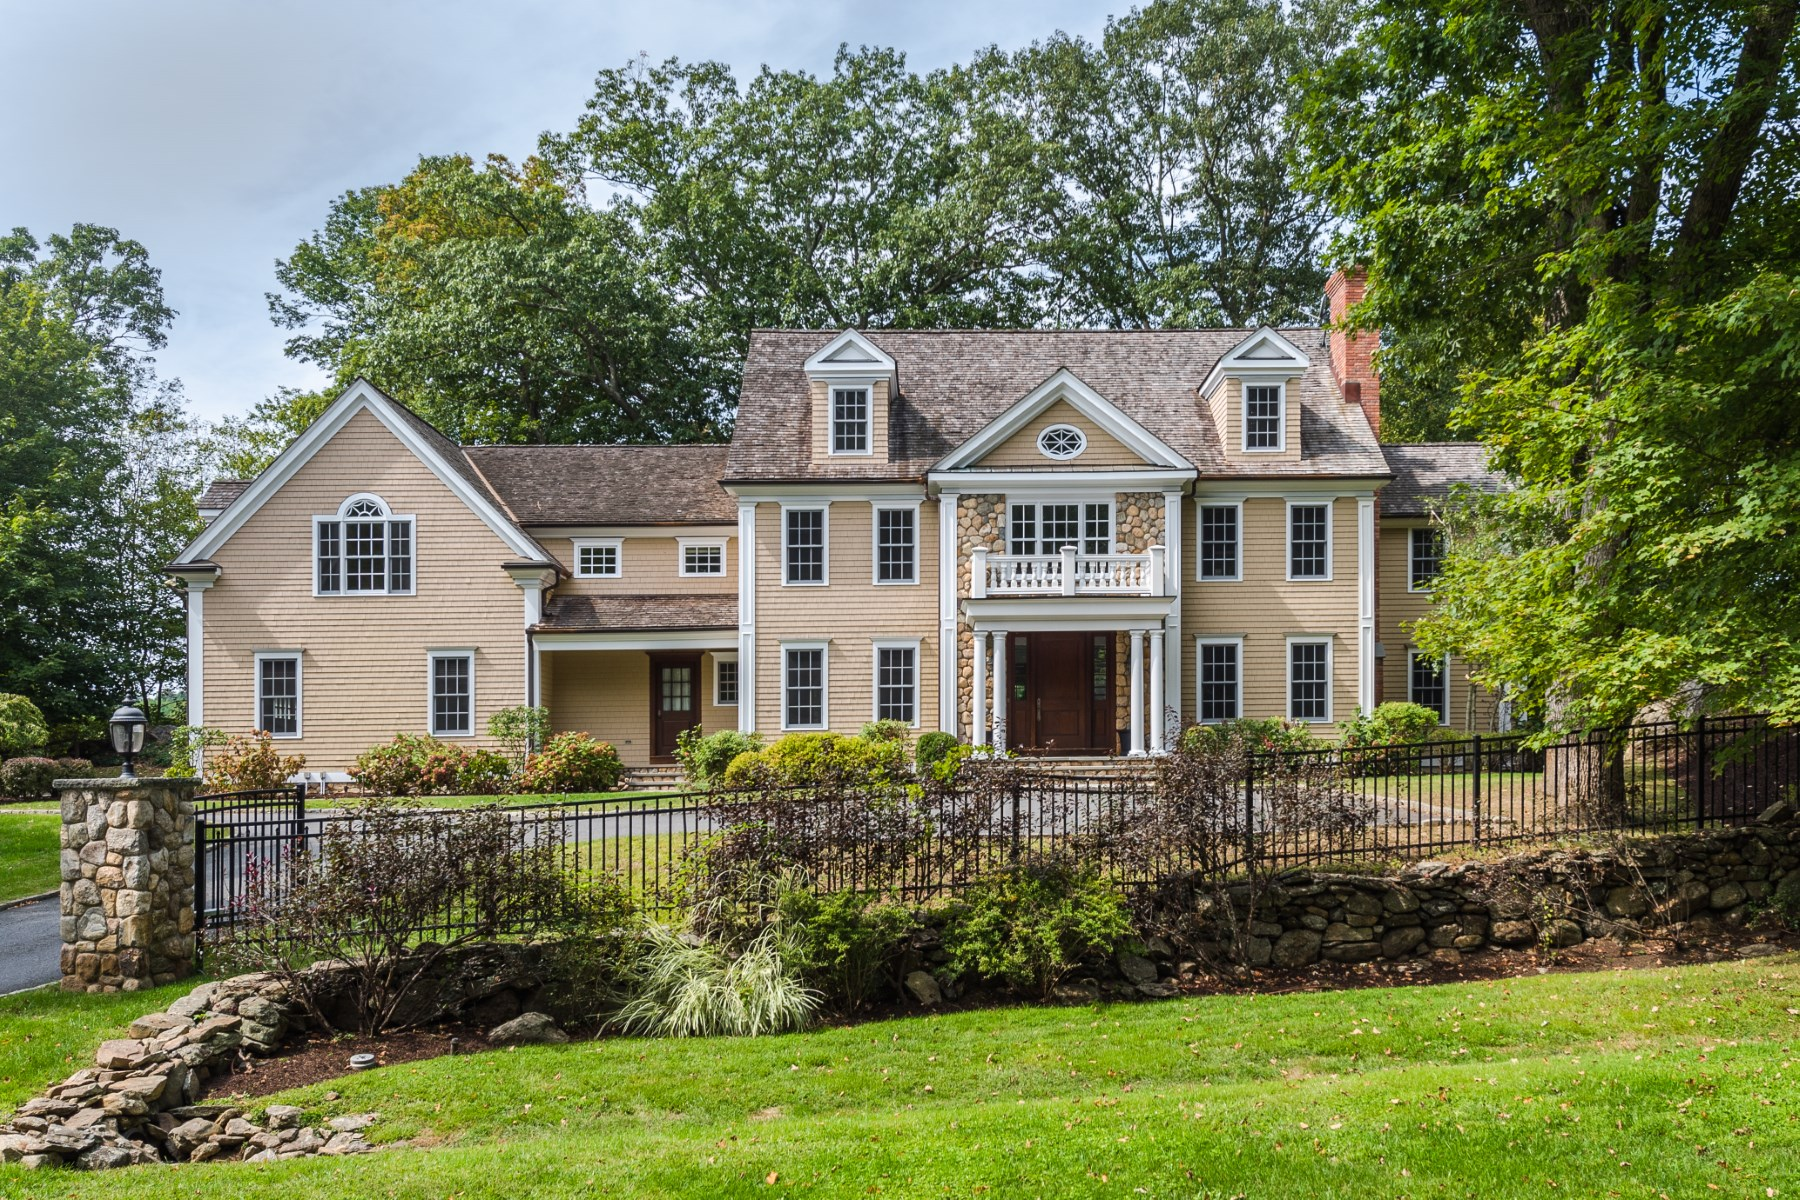 独户住宅 为 销售 在 19 Thunder Mountain Road 格林威治, 康涅狄格州, 06831 美国